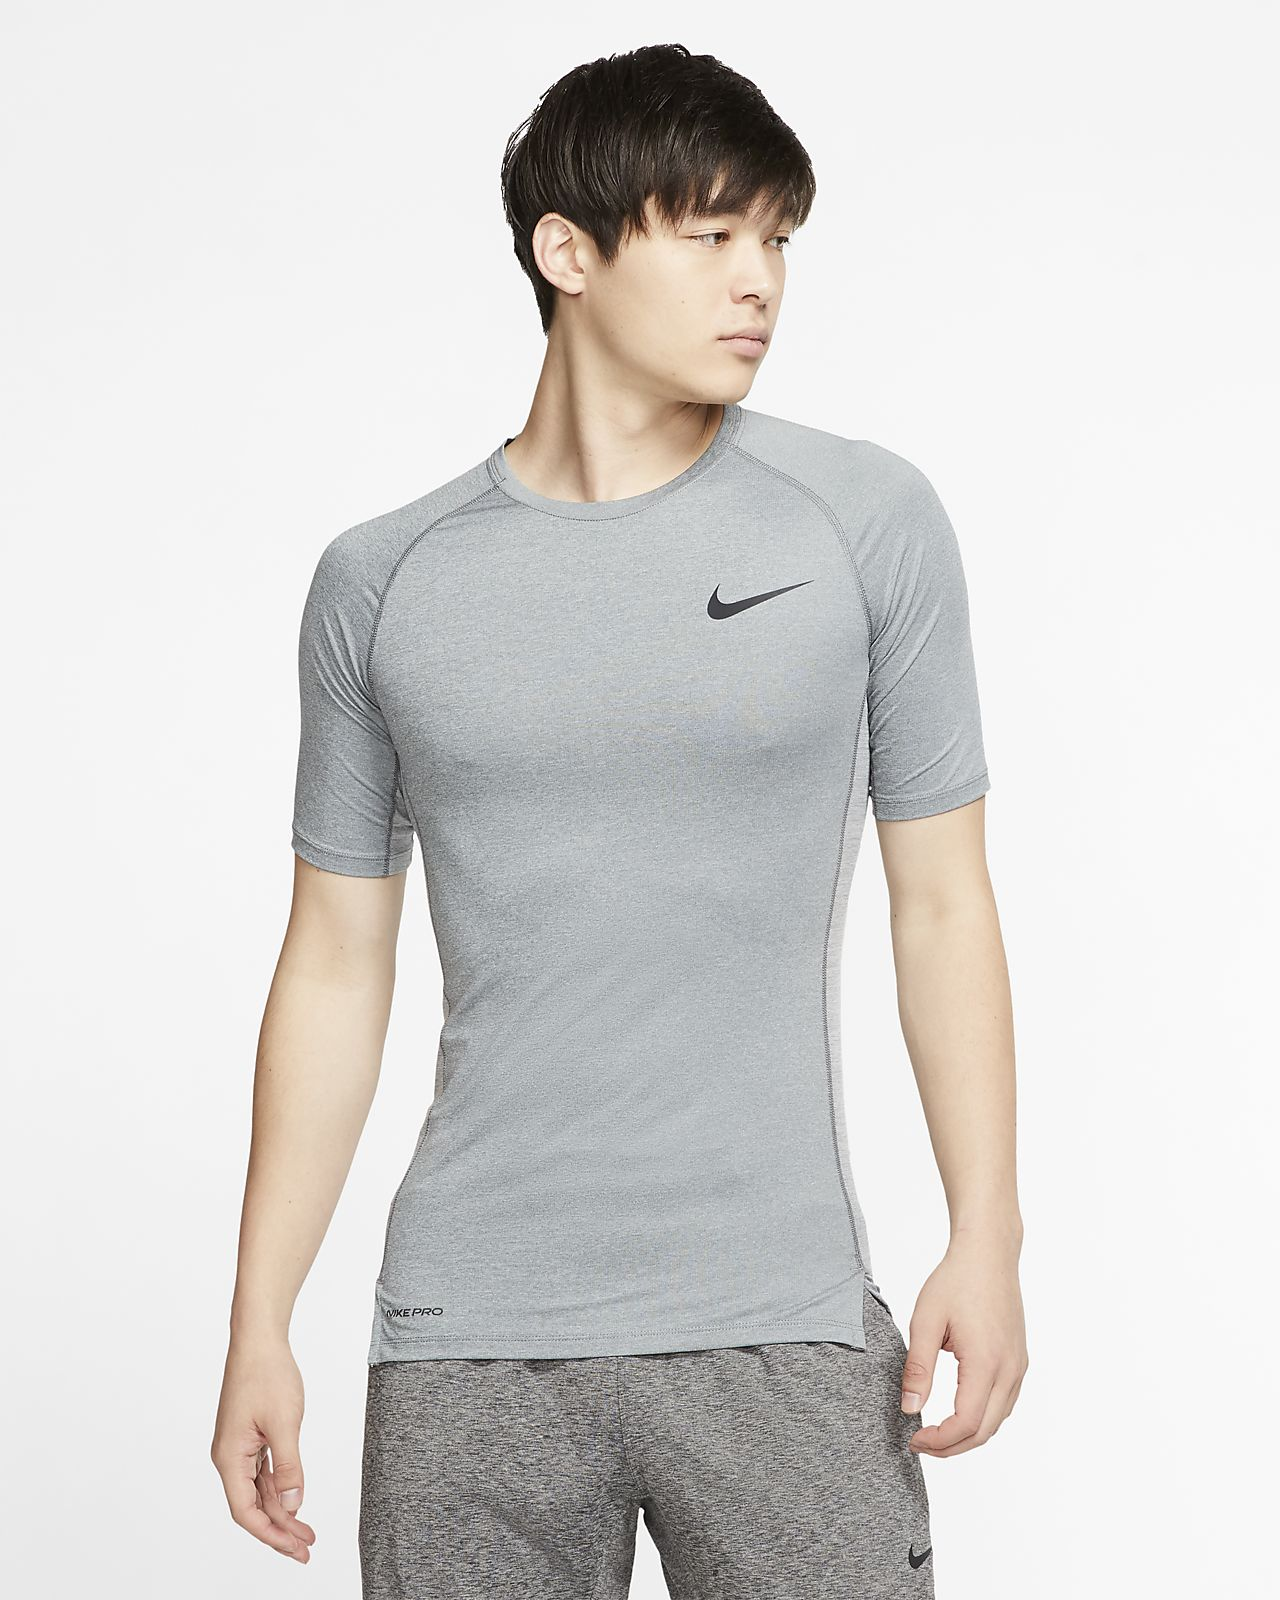 Ανδρική κοντομάνικη μπλούζα με στενή εφαρμογή Nike Pro